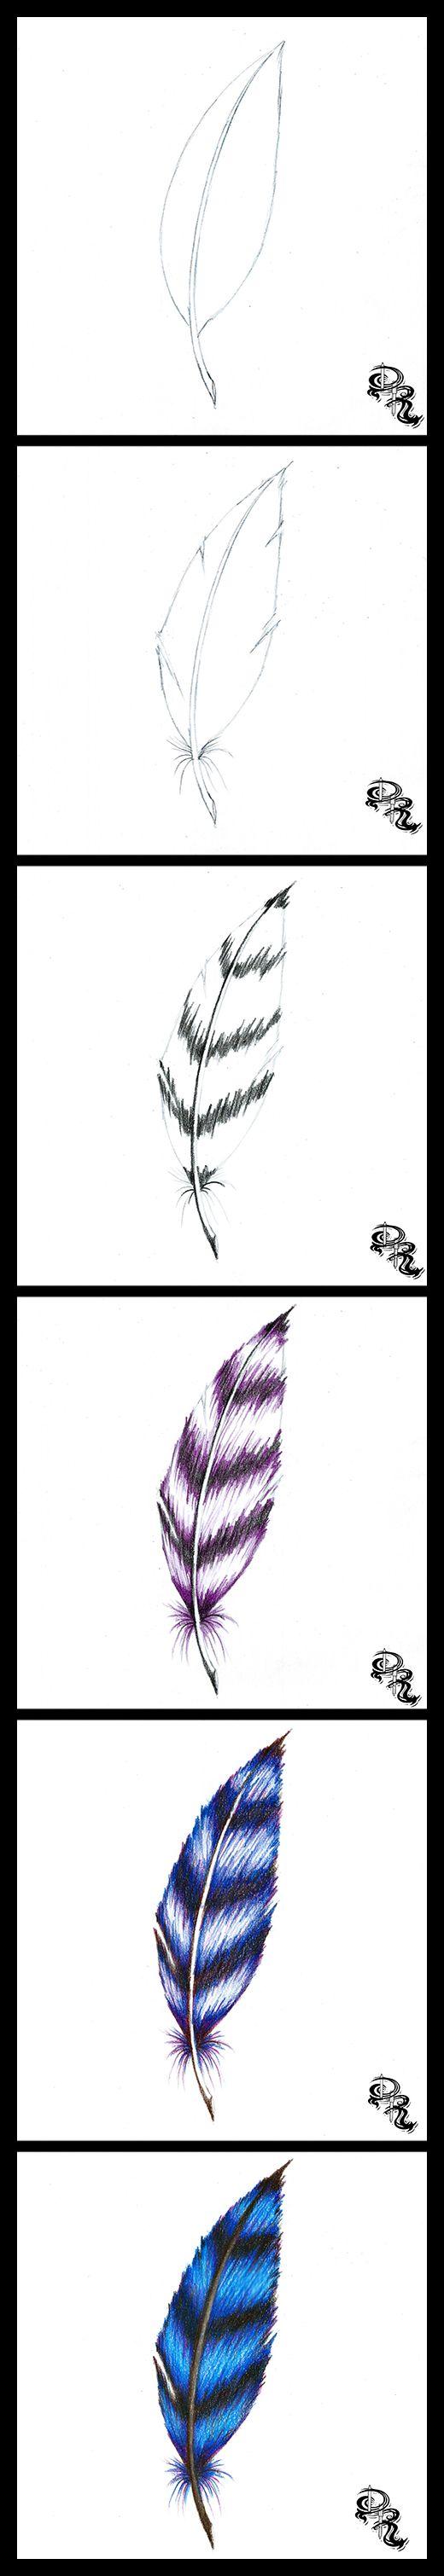 Como desenhar uma pena com lápis PASSO A PASSO